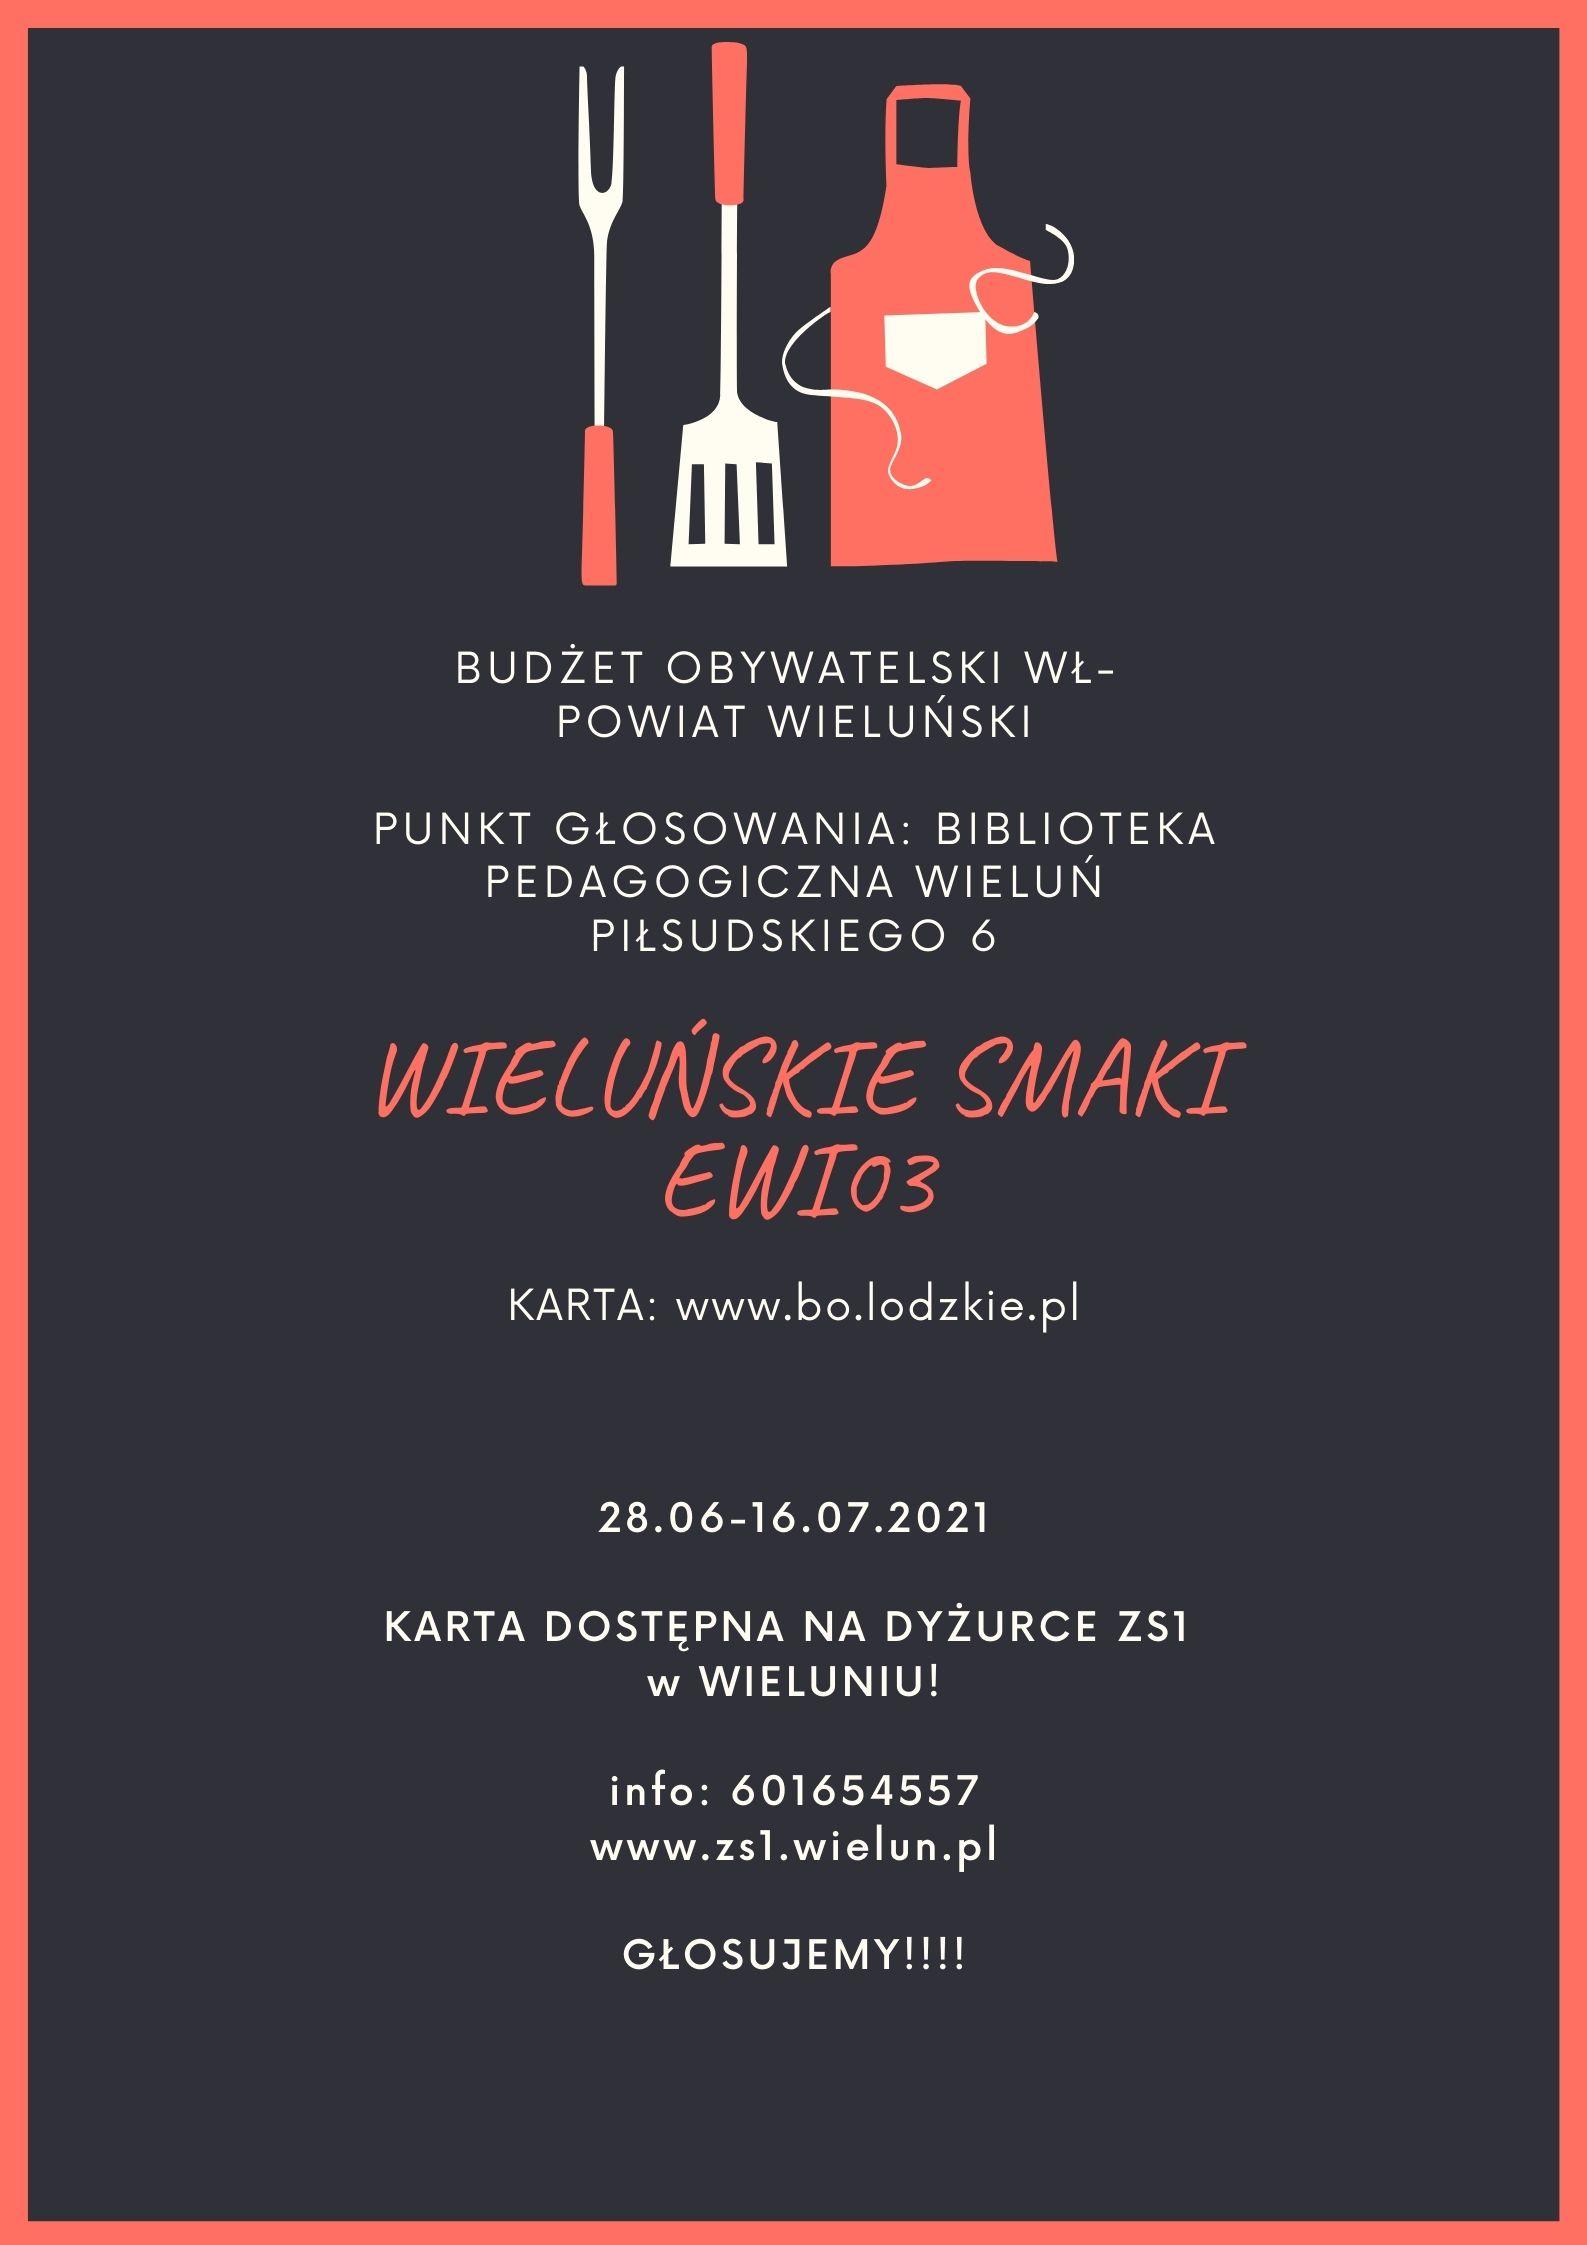 Budżet Obywatelski WŁ. - GŁOSUJCIE NA NASZ POMYSŁ - WIELUŃSKIE SMAKI EWI 03